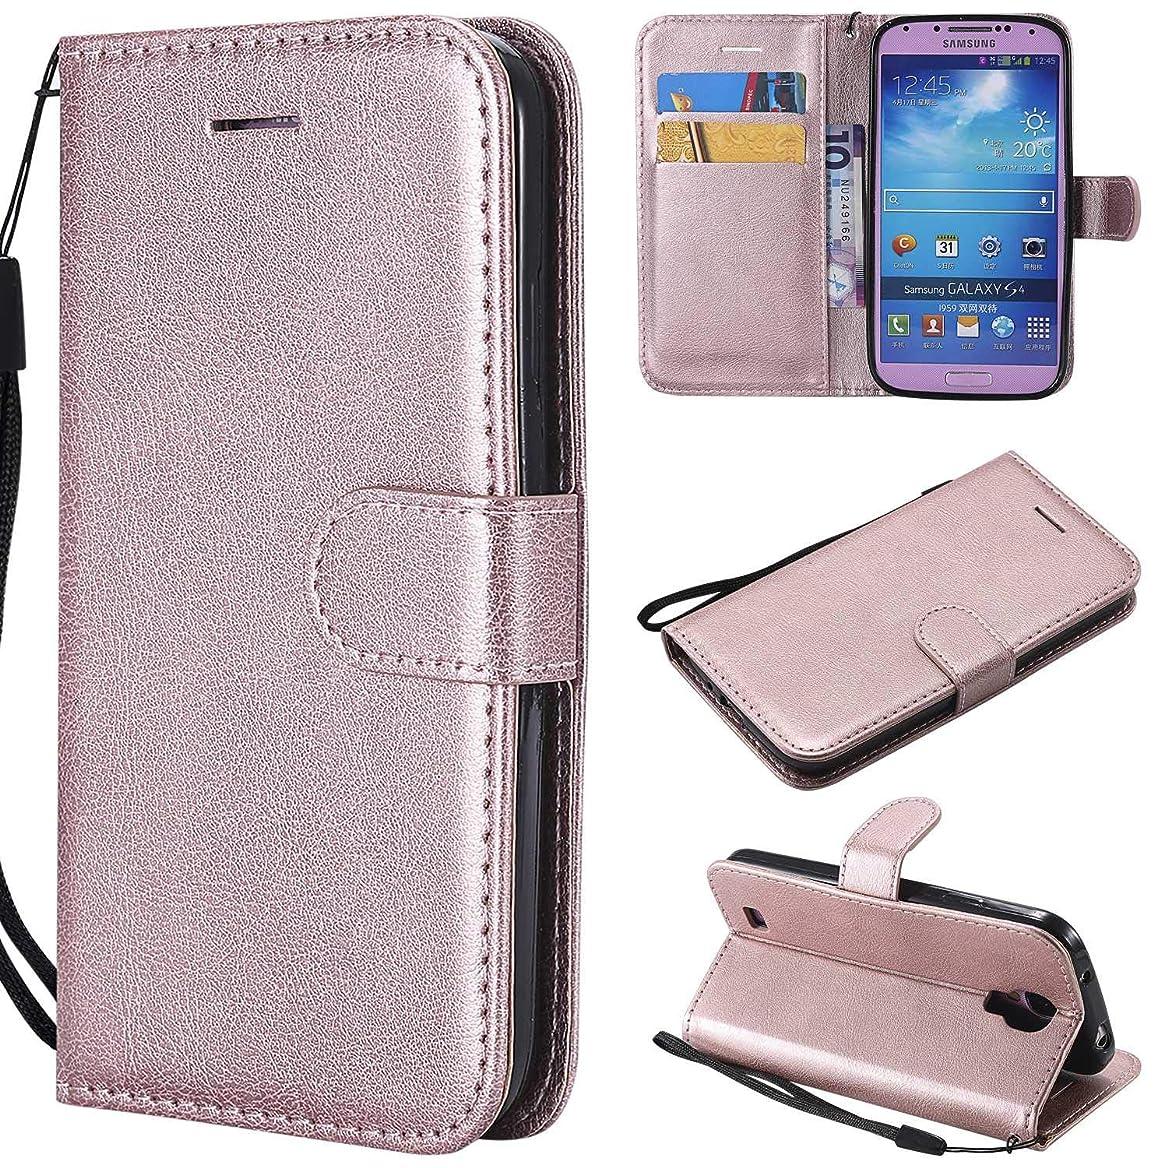 妊娠した首王室Galaxy S4 ケース手帳型 OMATENTI レザー 革 薄型 手帳型カバー カード入れ スタンド機能 サムスン Galaxy S4 おしゃれ 手帳ケース (4-ローズゴールド)